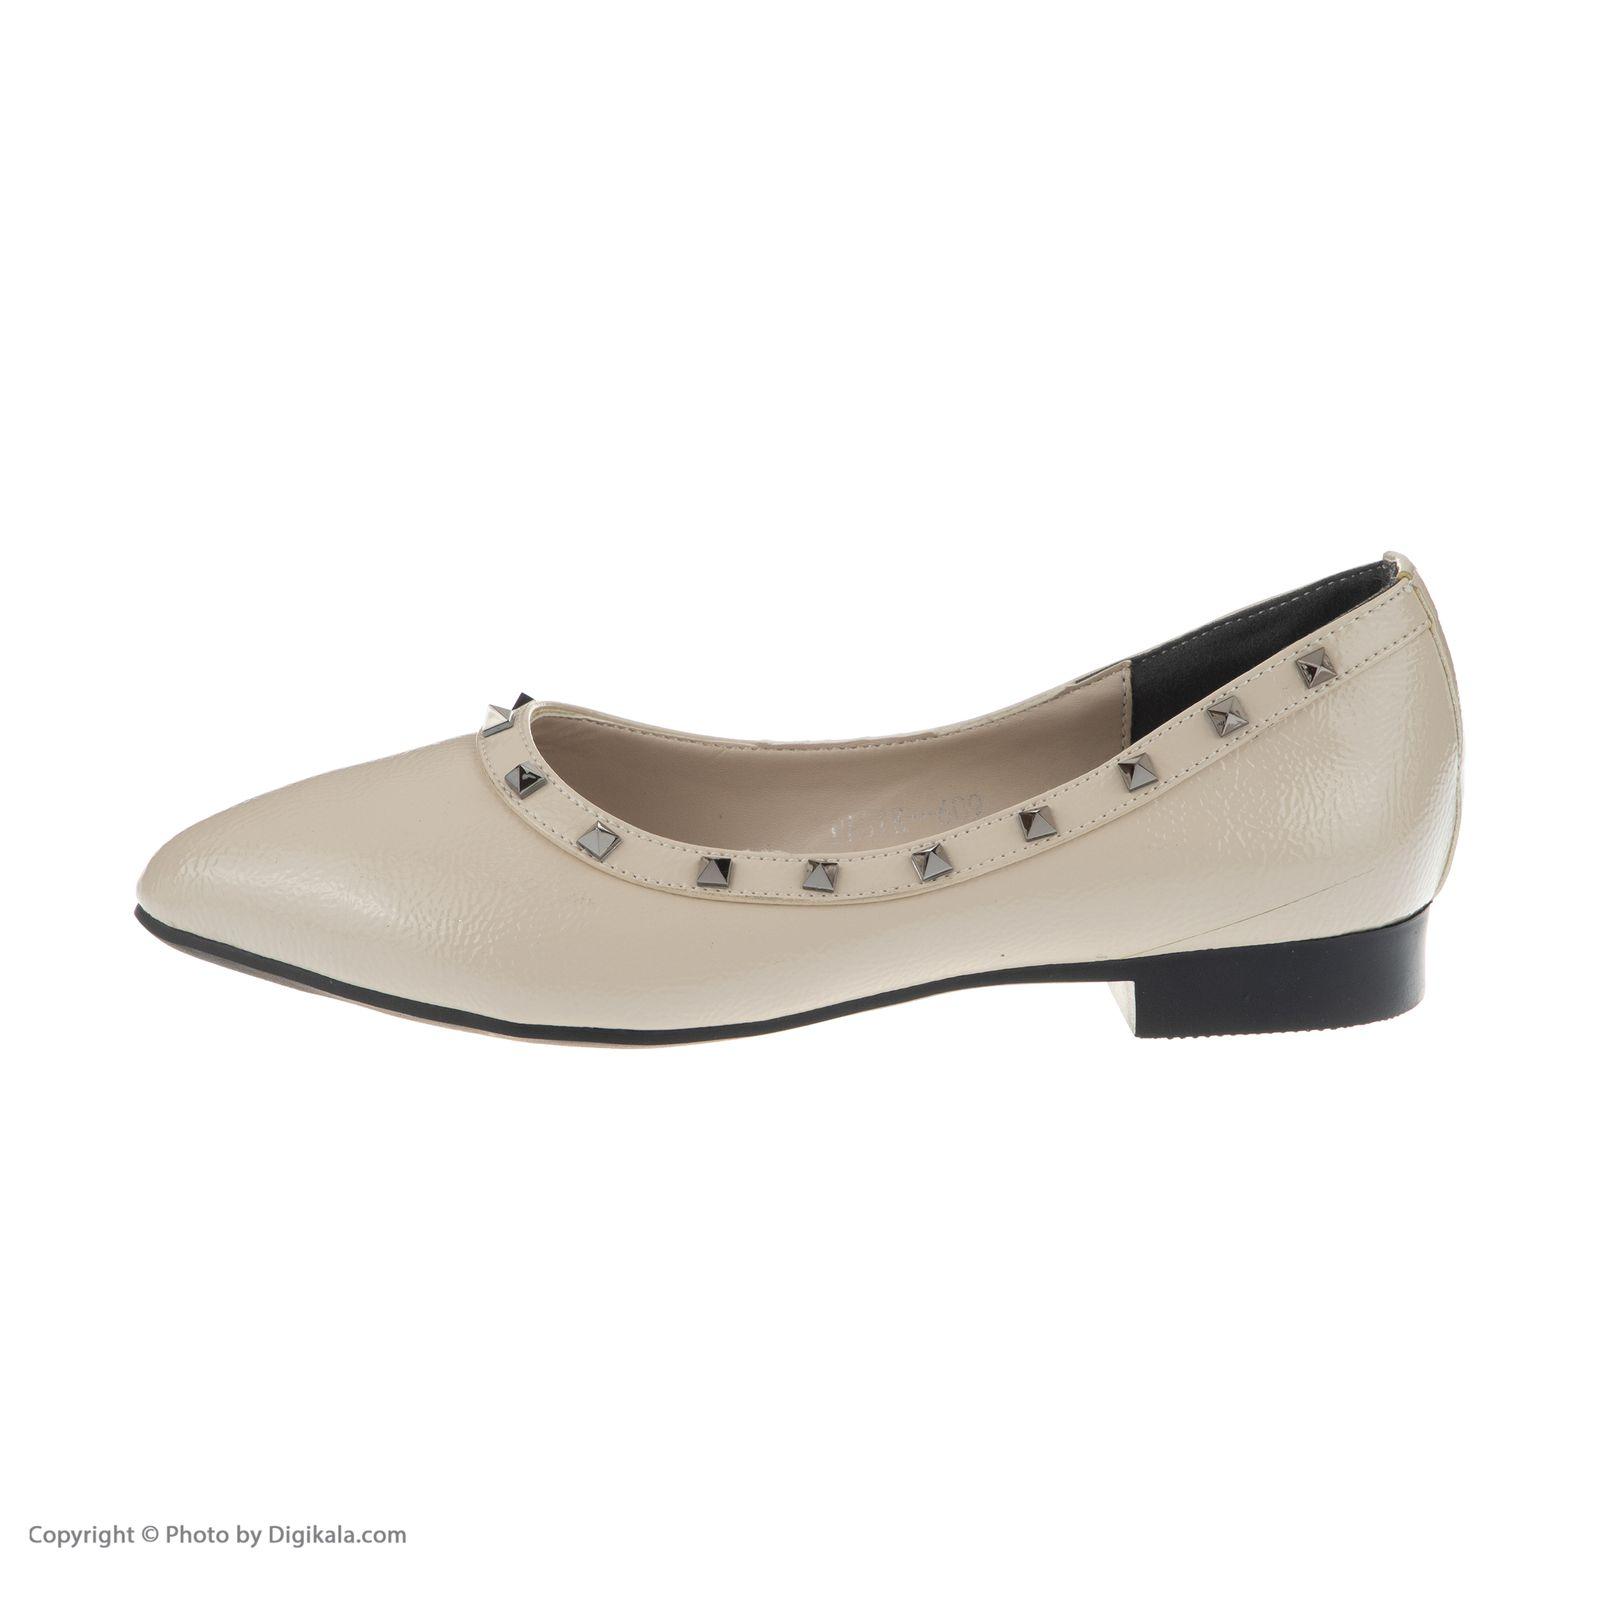 کفش زنانه زبرا مدل 6090 -  - 1